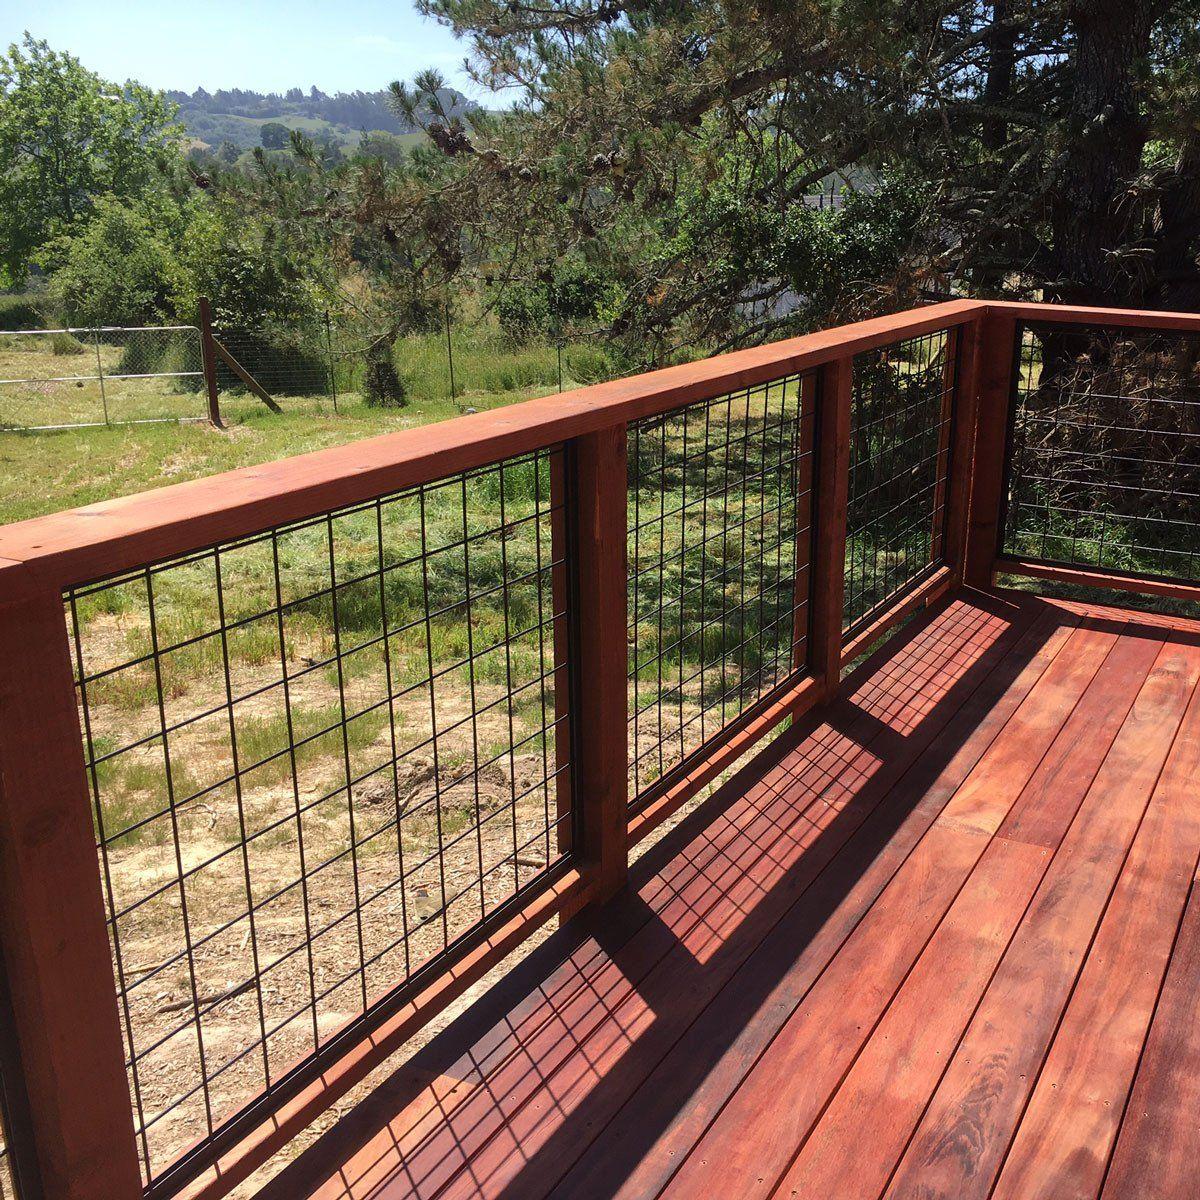 Hog Tracks Channel By Wild Hog Railing Deck Railing Design Railings Outdoor Deck Railing Diy